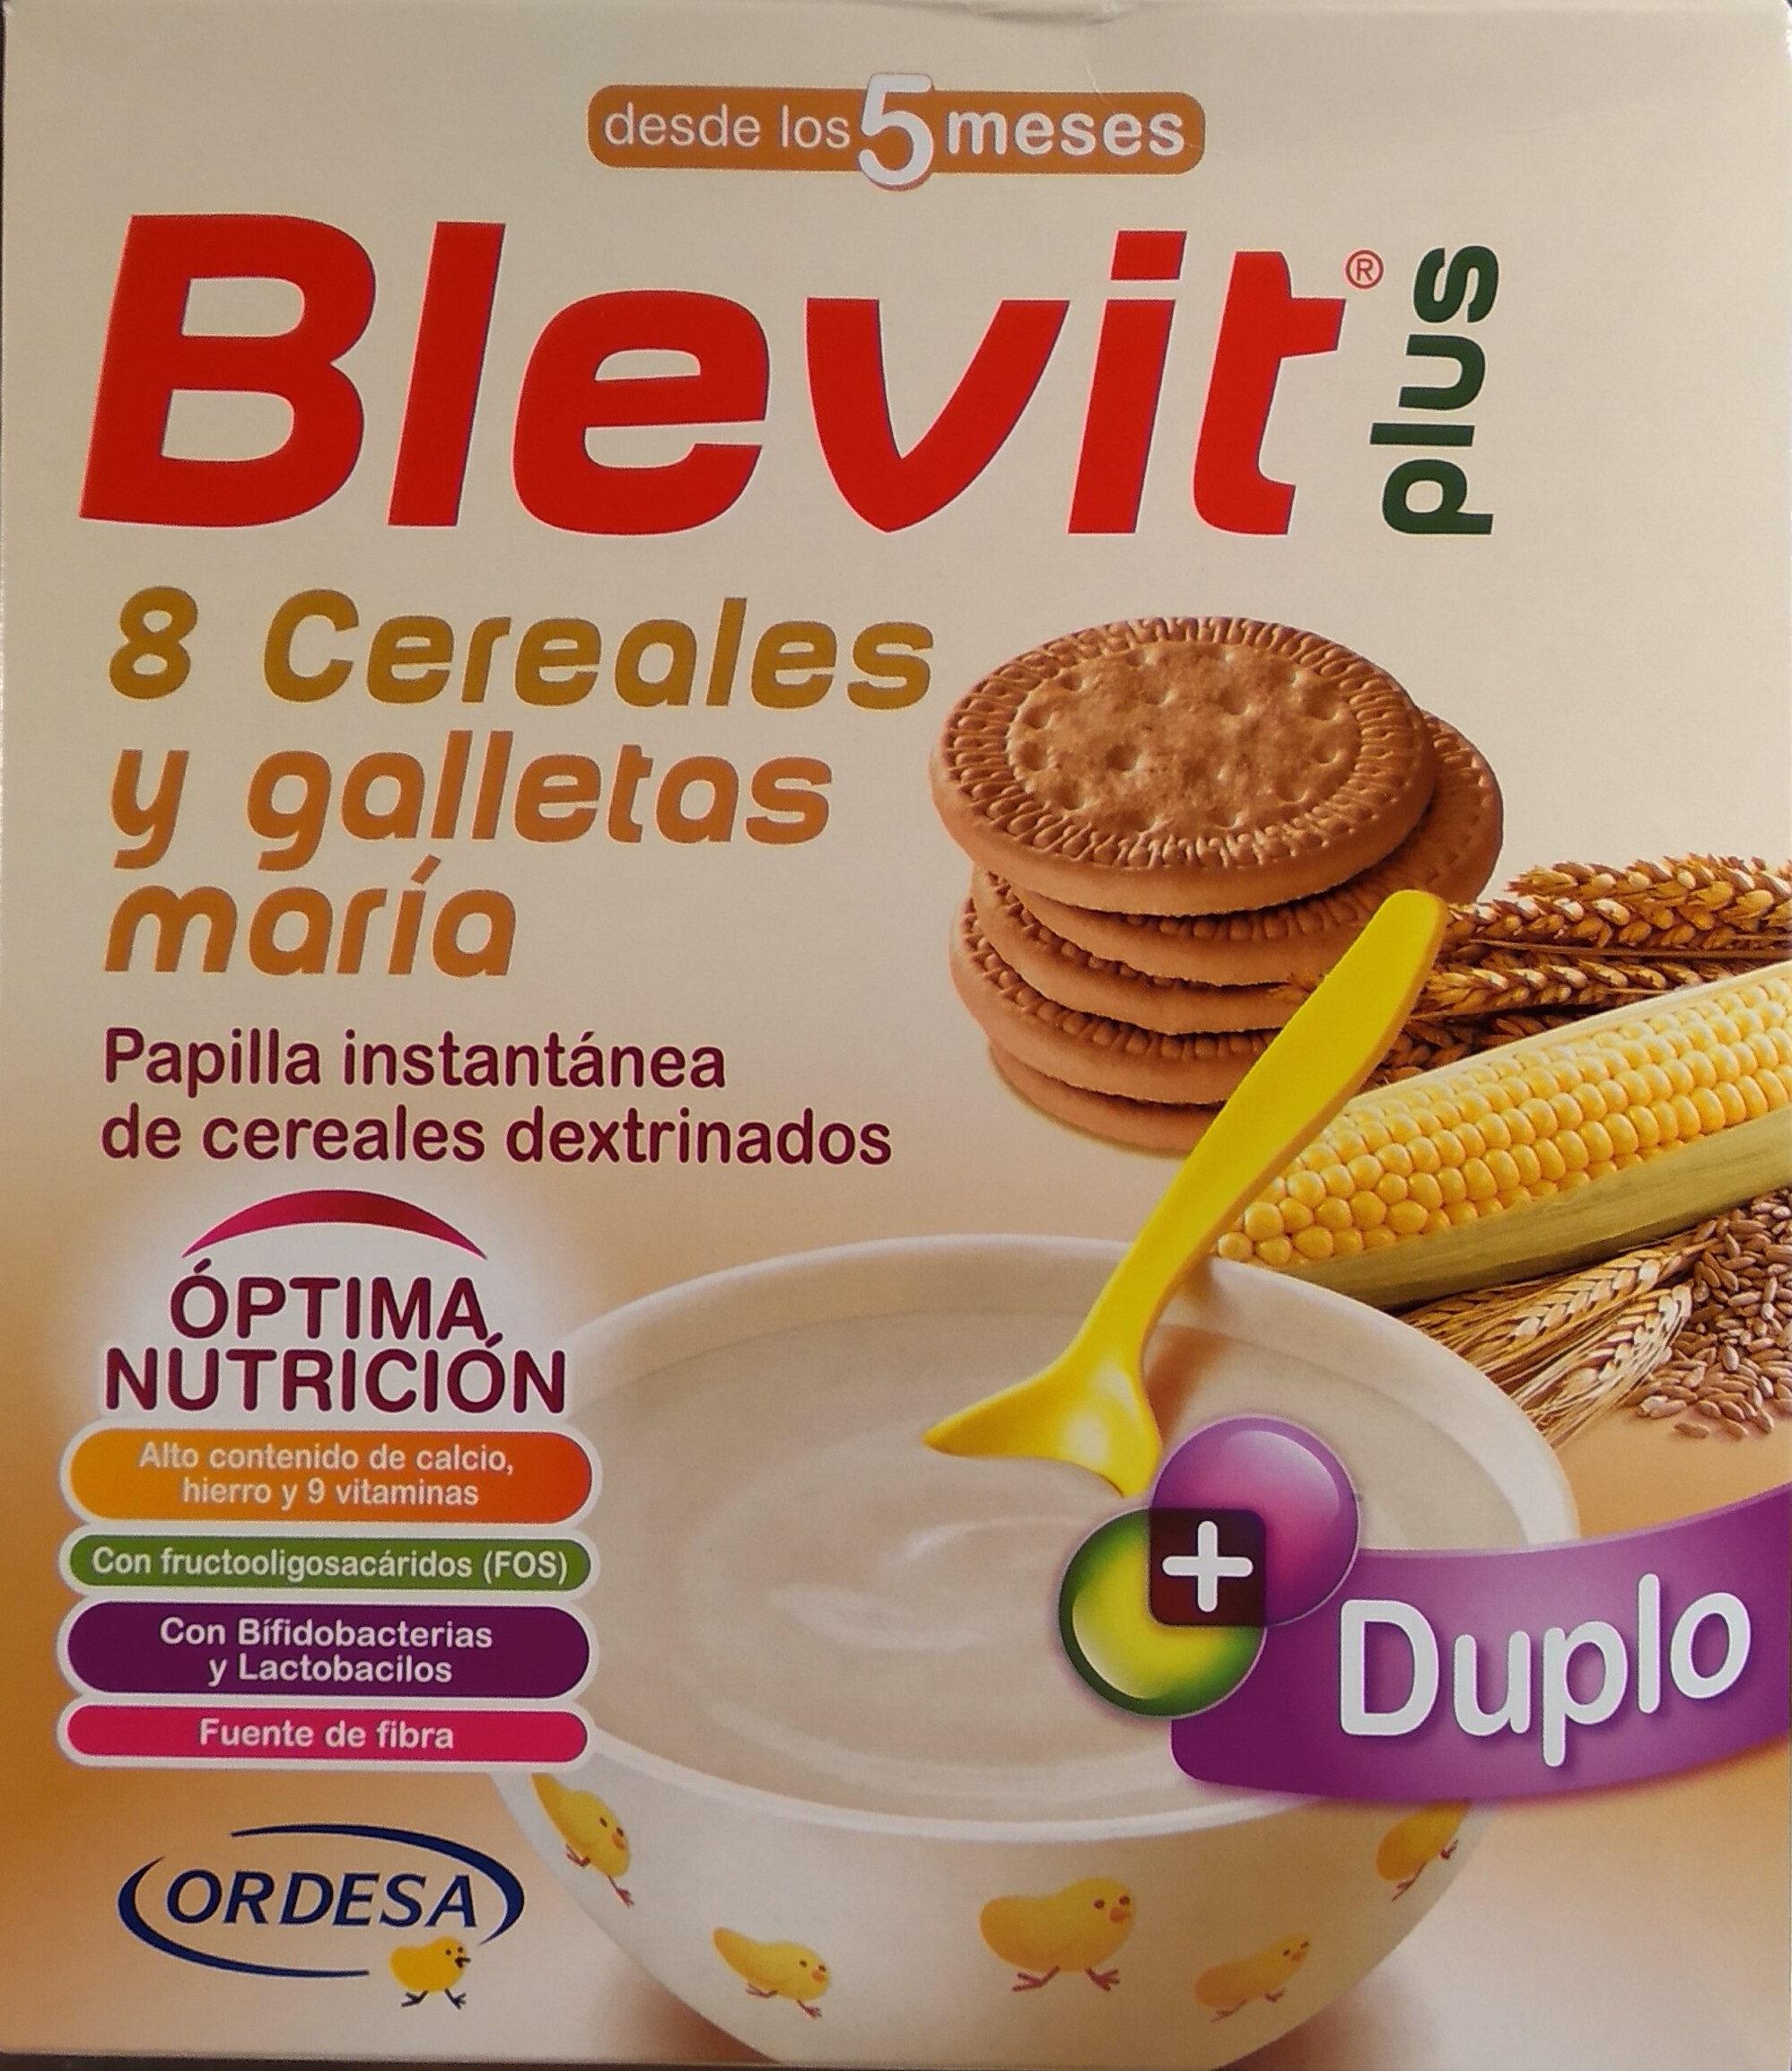 Blevit plus 8 cereales y galletas maría - Producto